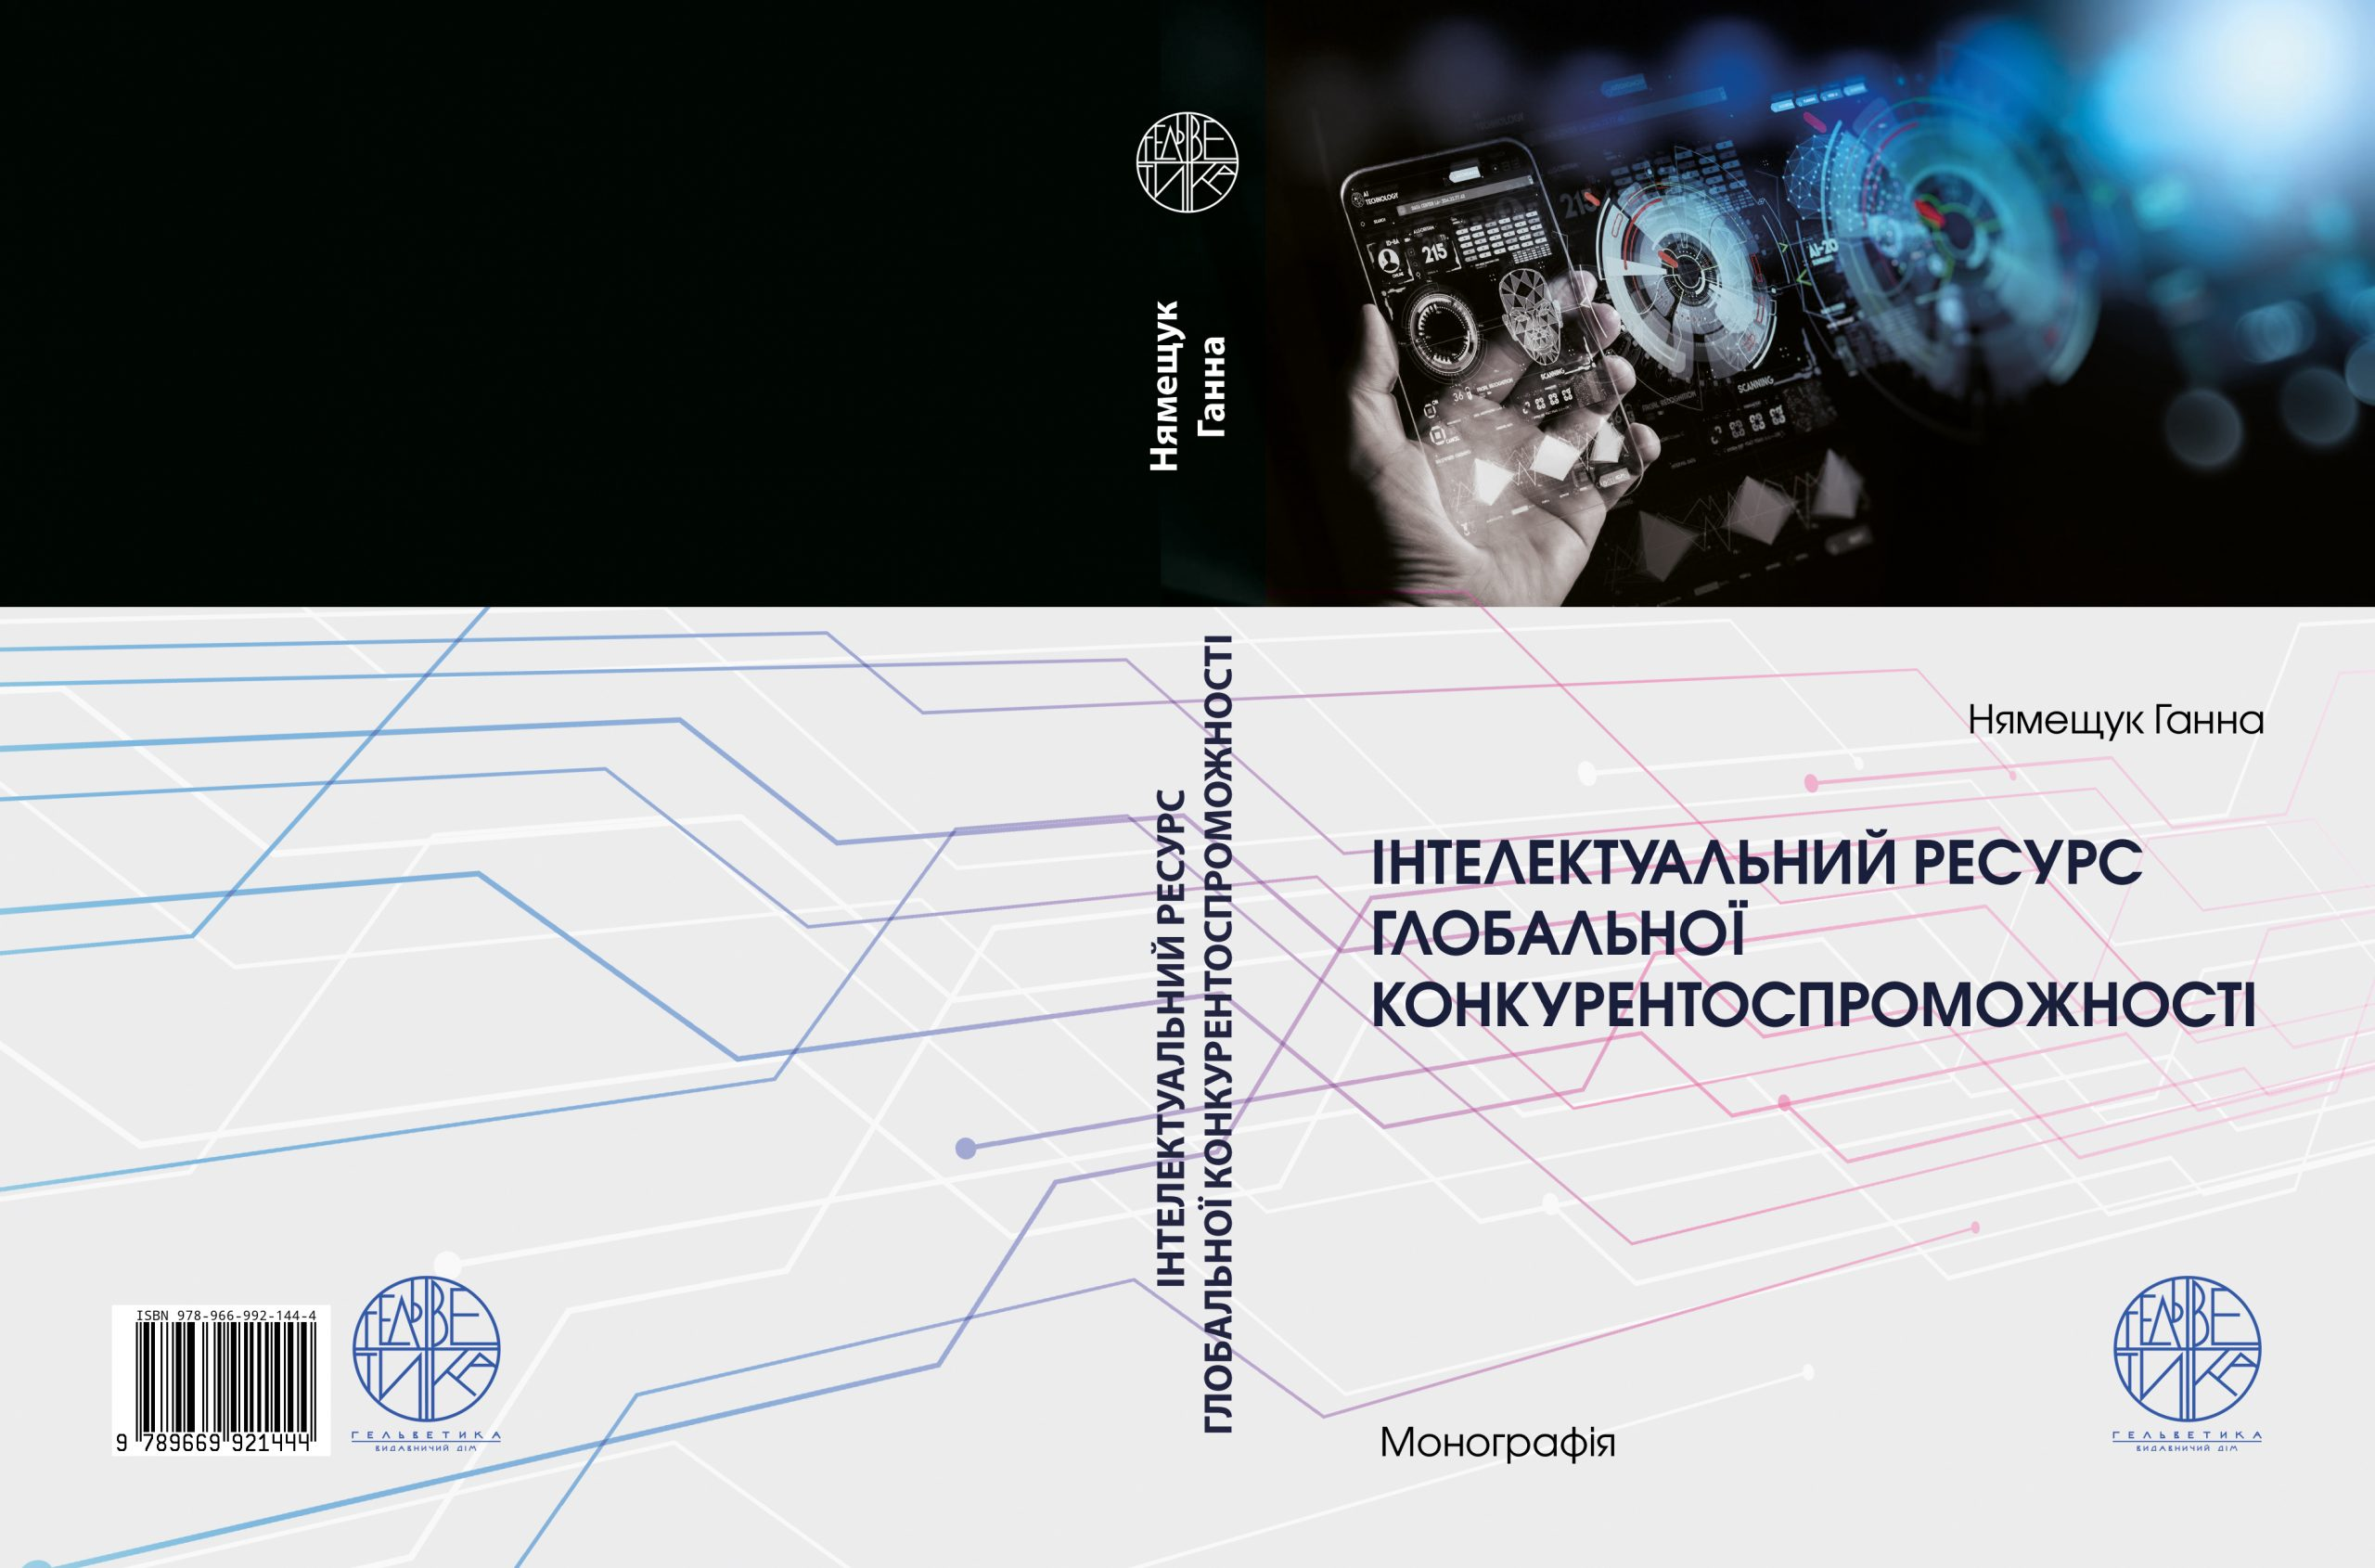 Інтелектуальний ресурс глобальної конкурентоспроможності: монографія